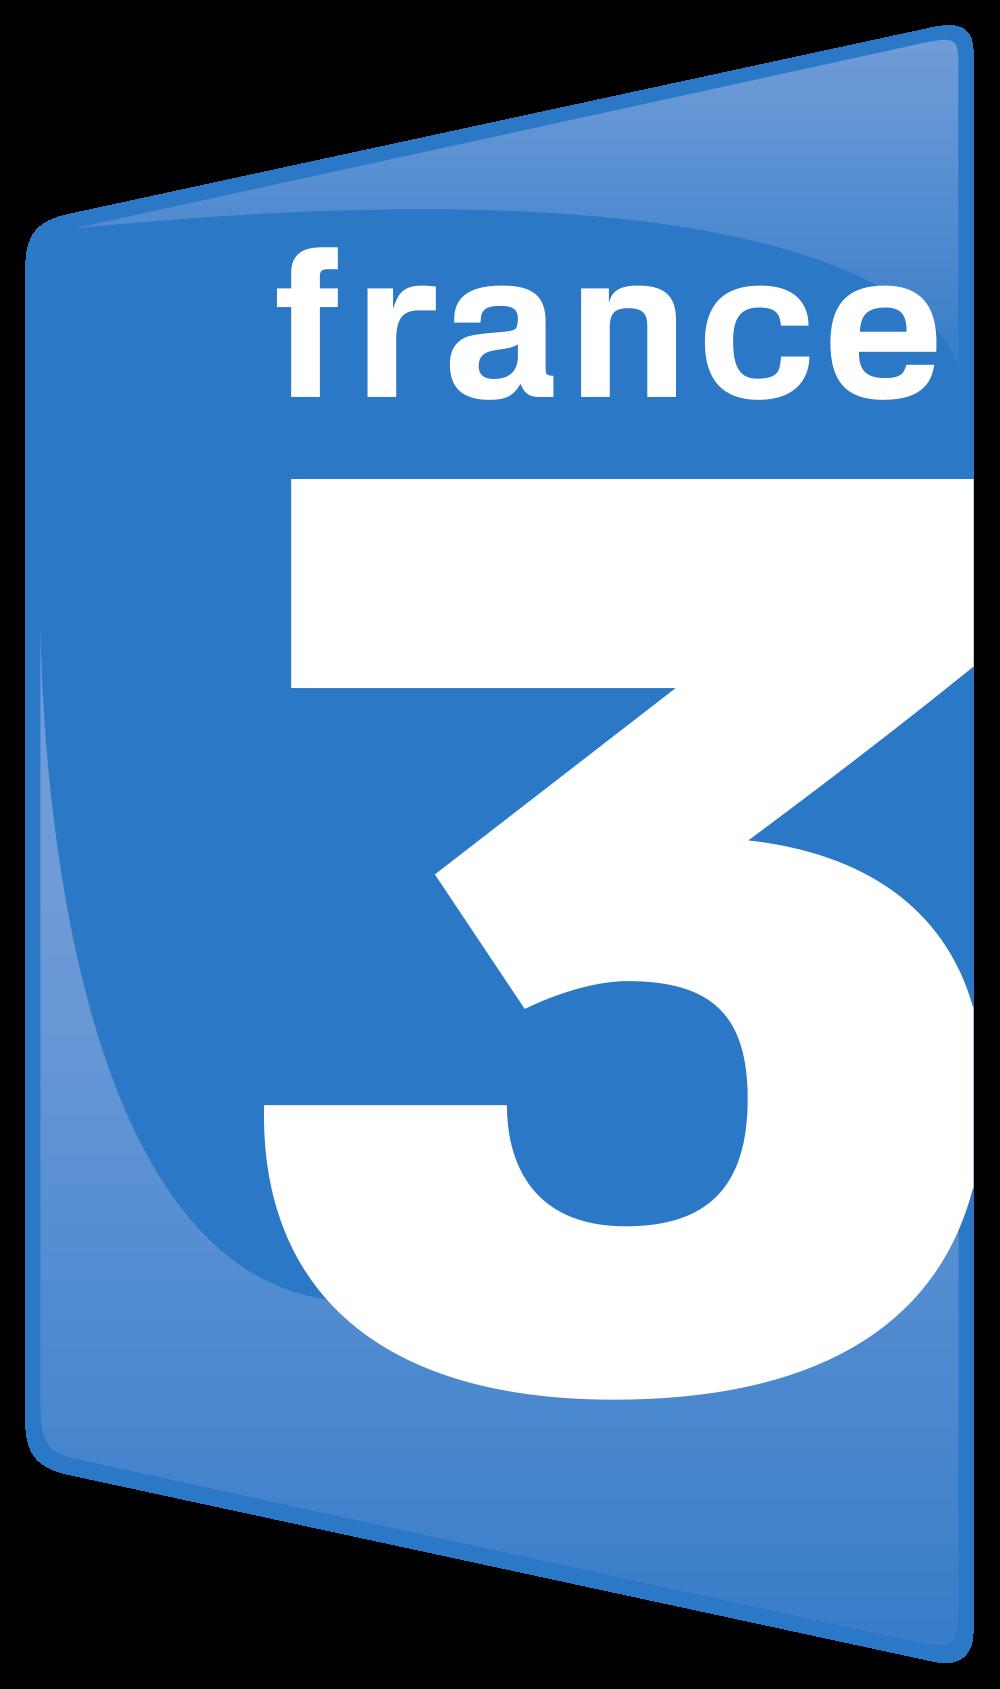 Img france 3